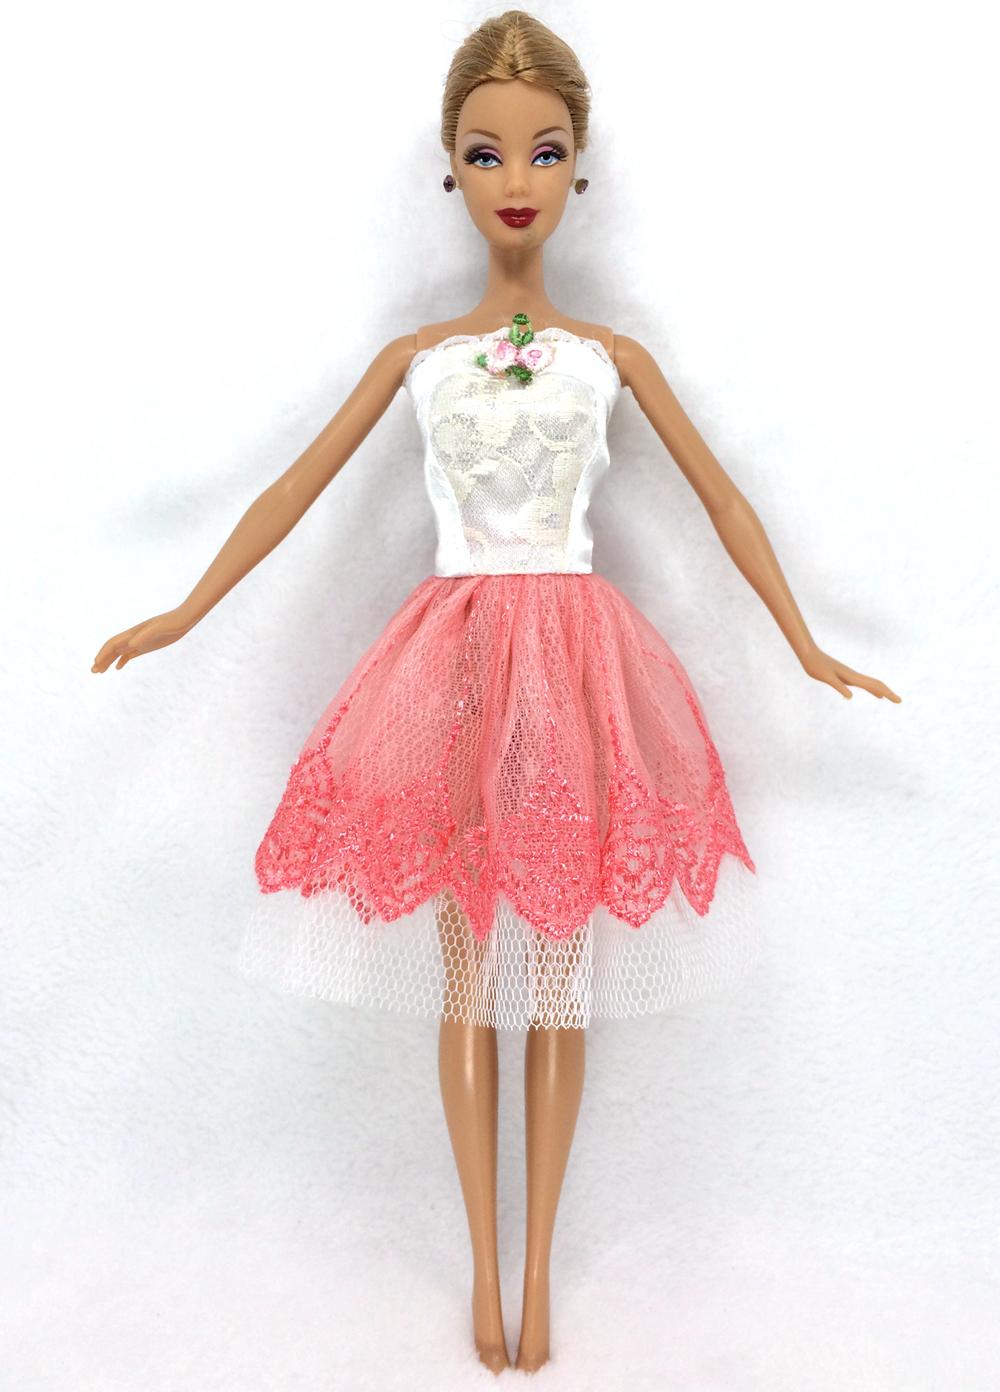 Аксессуары для кукол из Китая